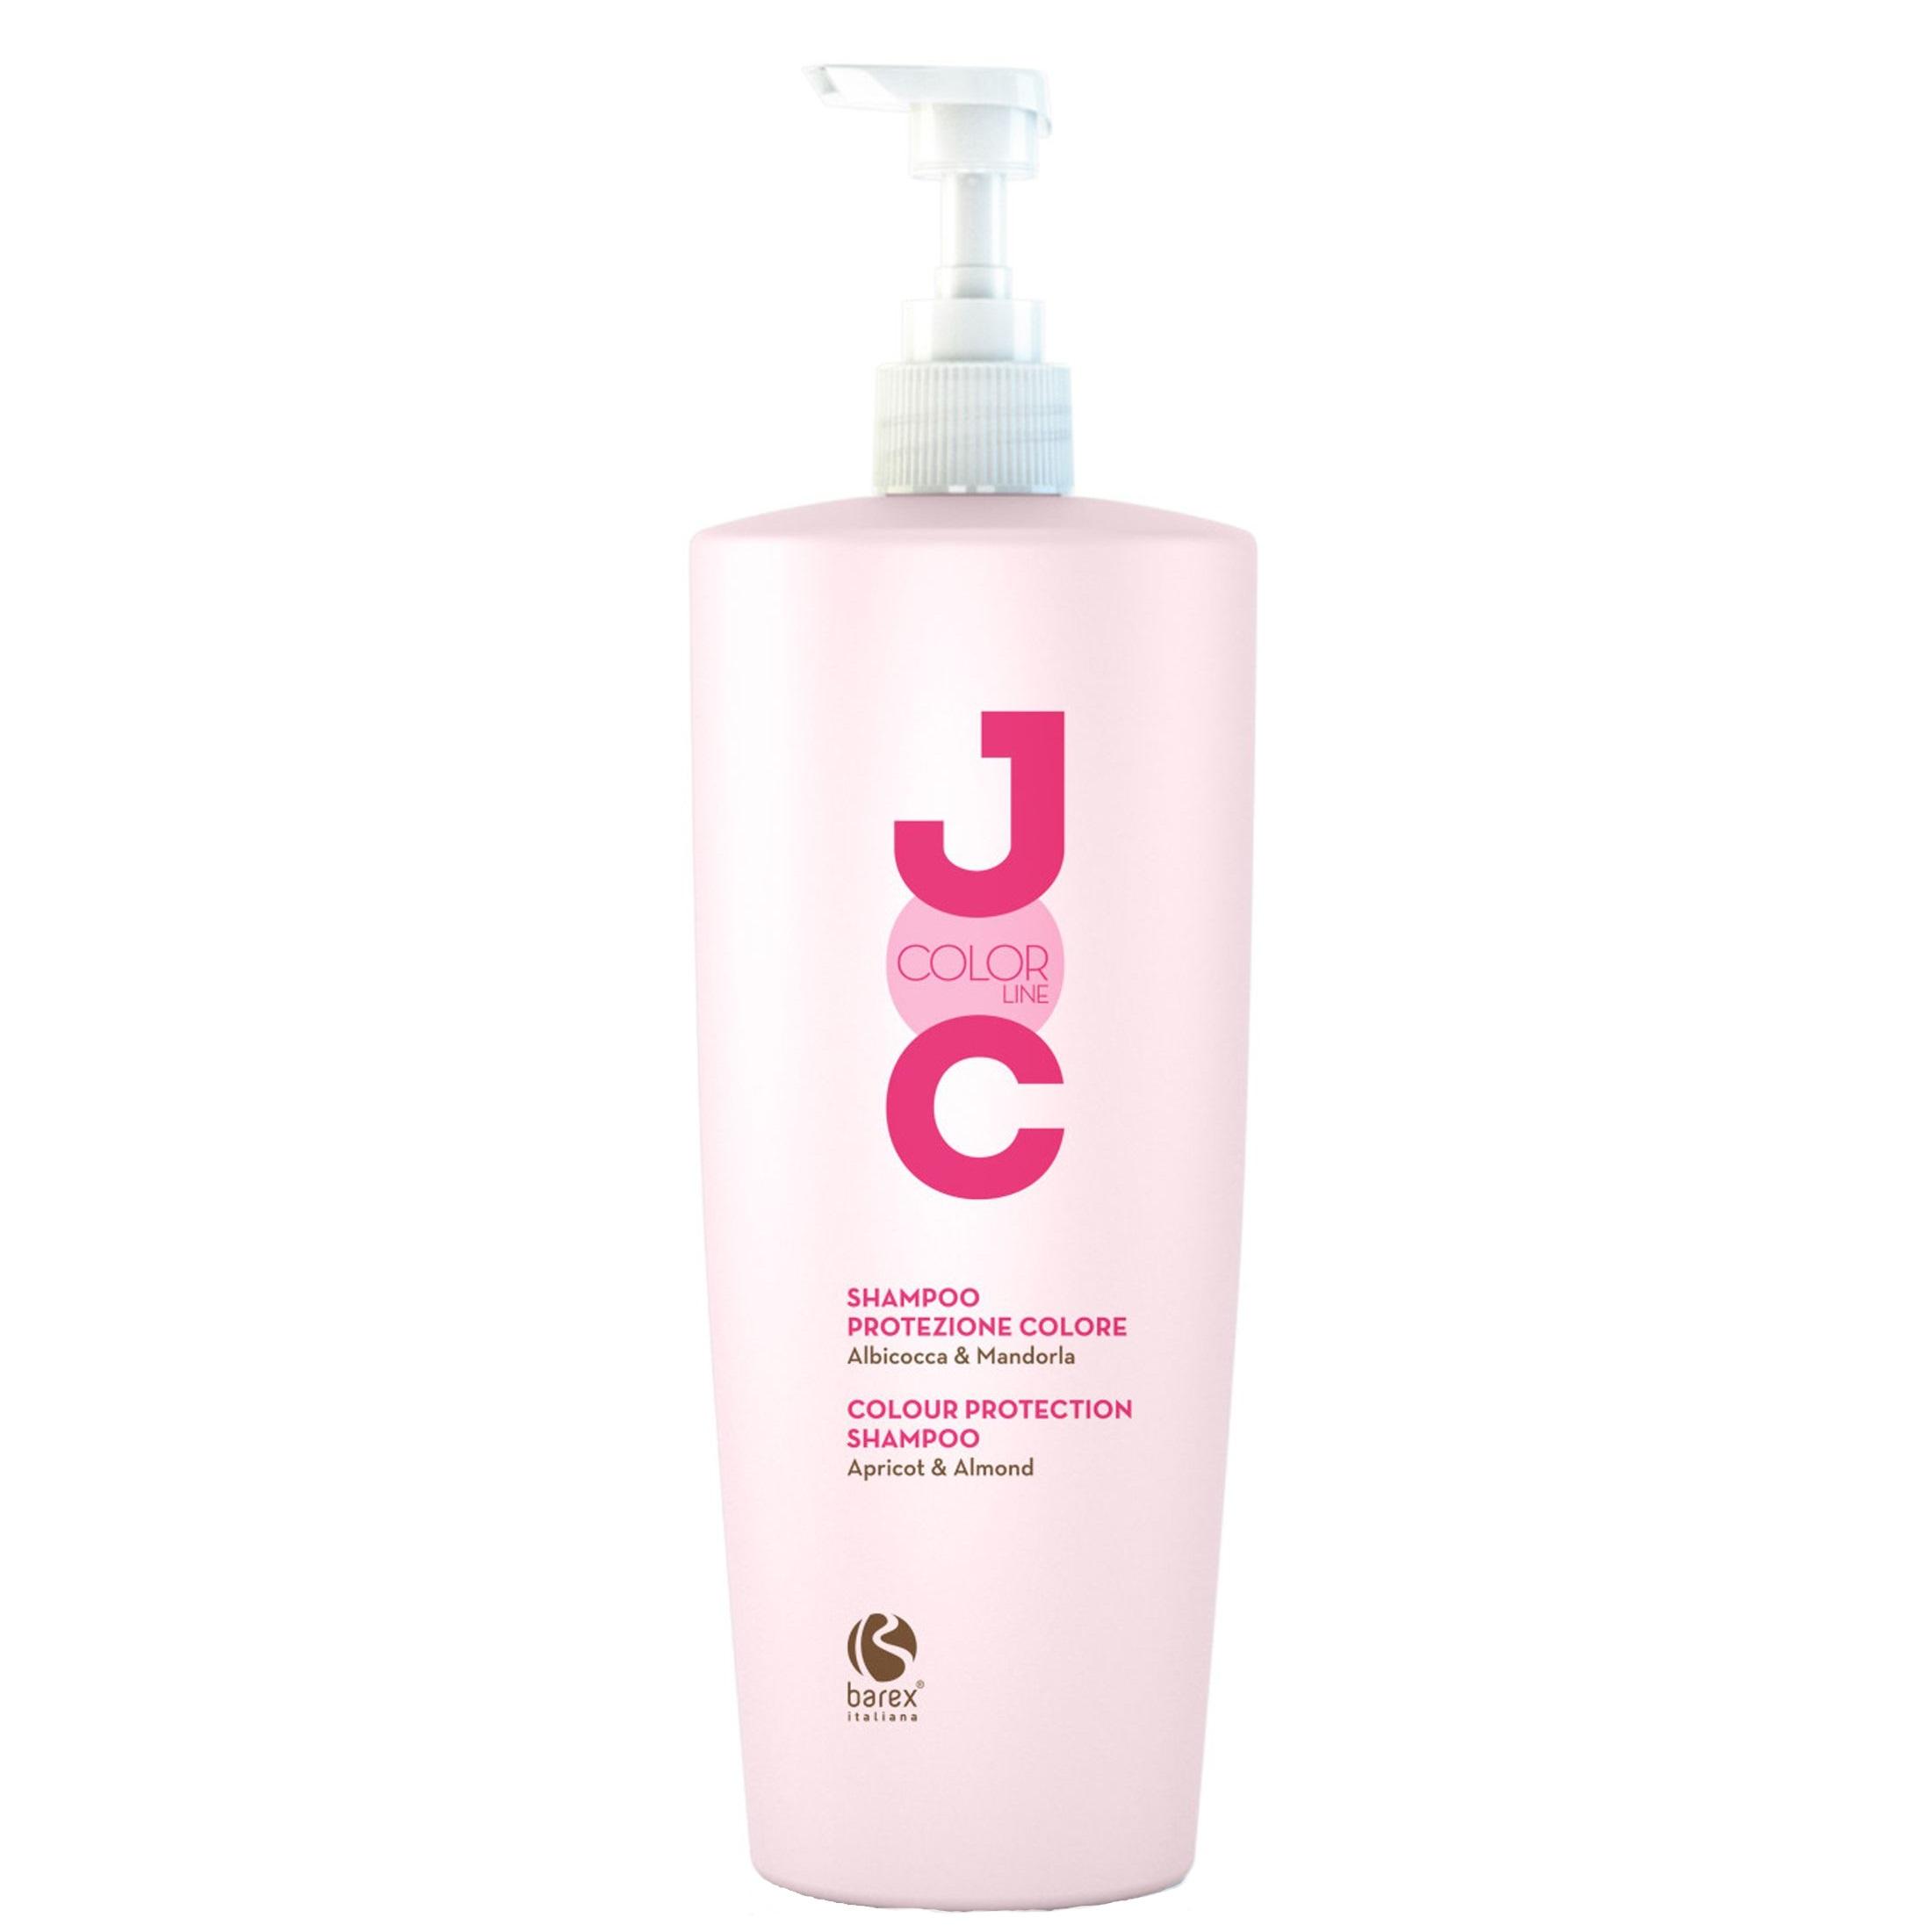 Купить Шампуни Barex, Шампунь Barex Italiana Joc Color Line для окрашенных волос с маслом сладкого миндаля и абрикоса 1000